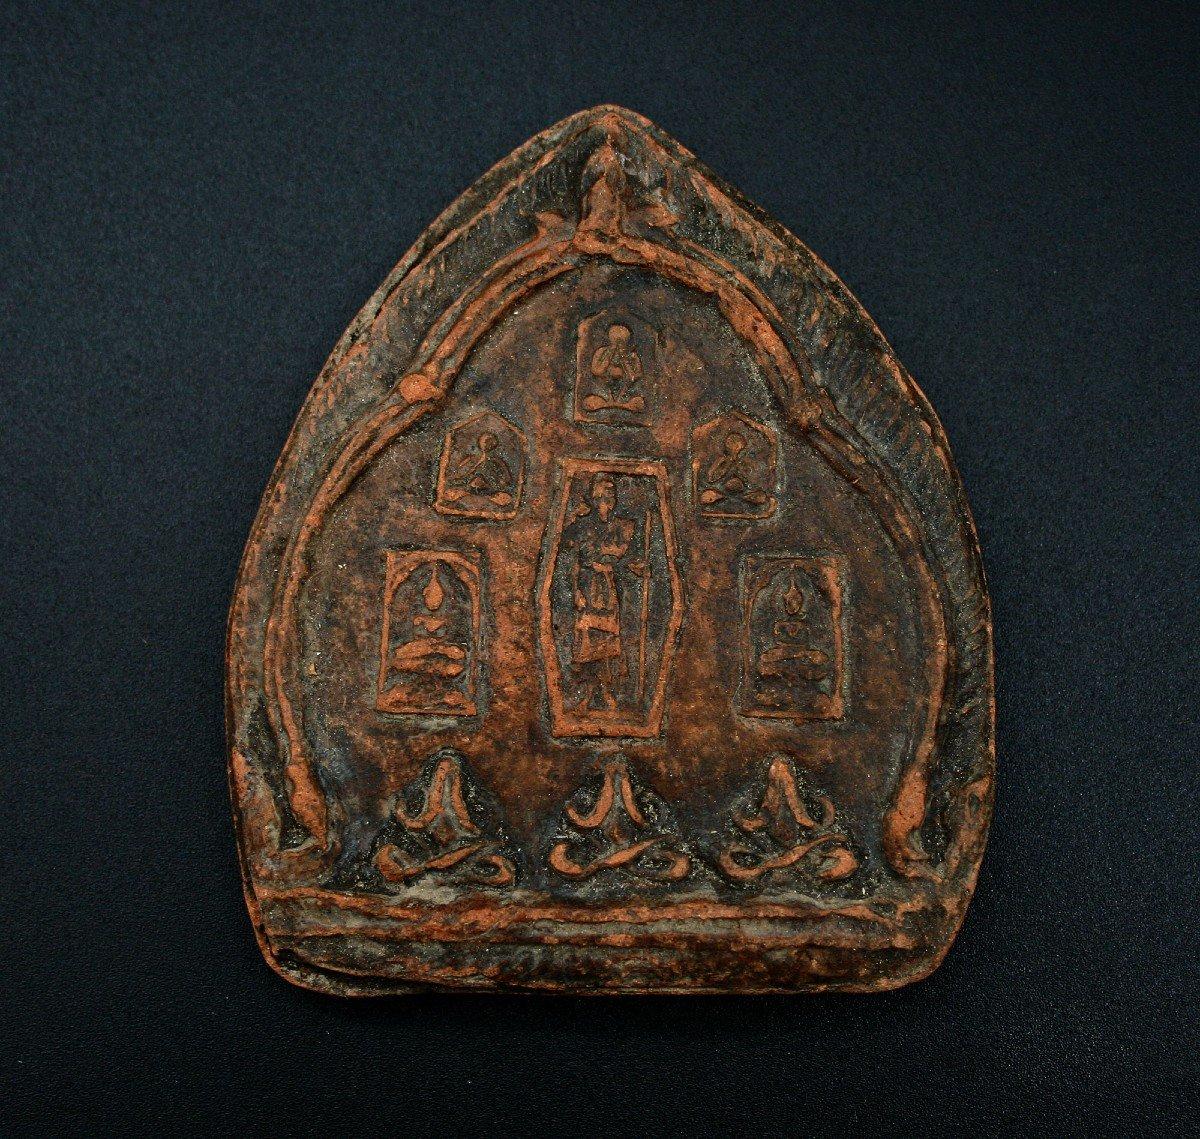 Ancien Reliquaire Thaïlandais Amulette Votive Bouddha Tsa Tsa Bouddhiste Trois Singes Sagesse